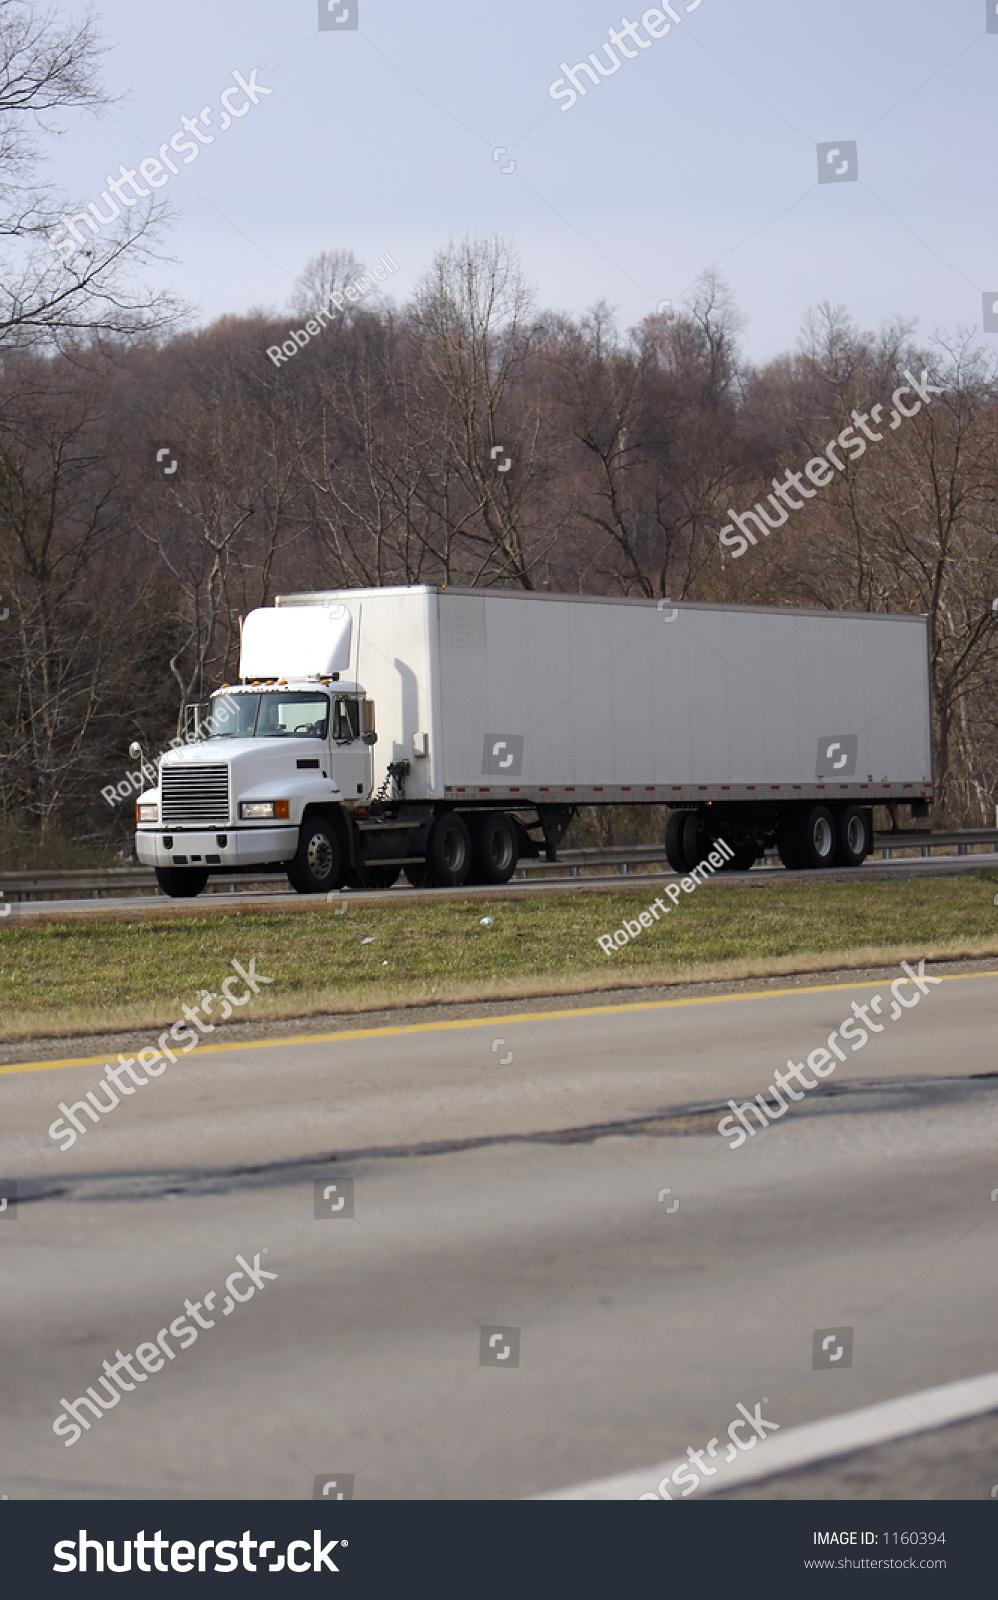 Tractor Trailer Stock : White semi tractor trailer truck on stock photo